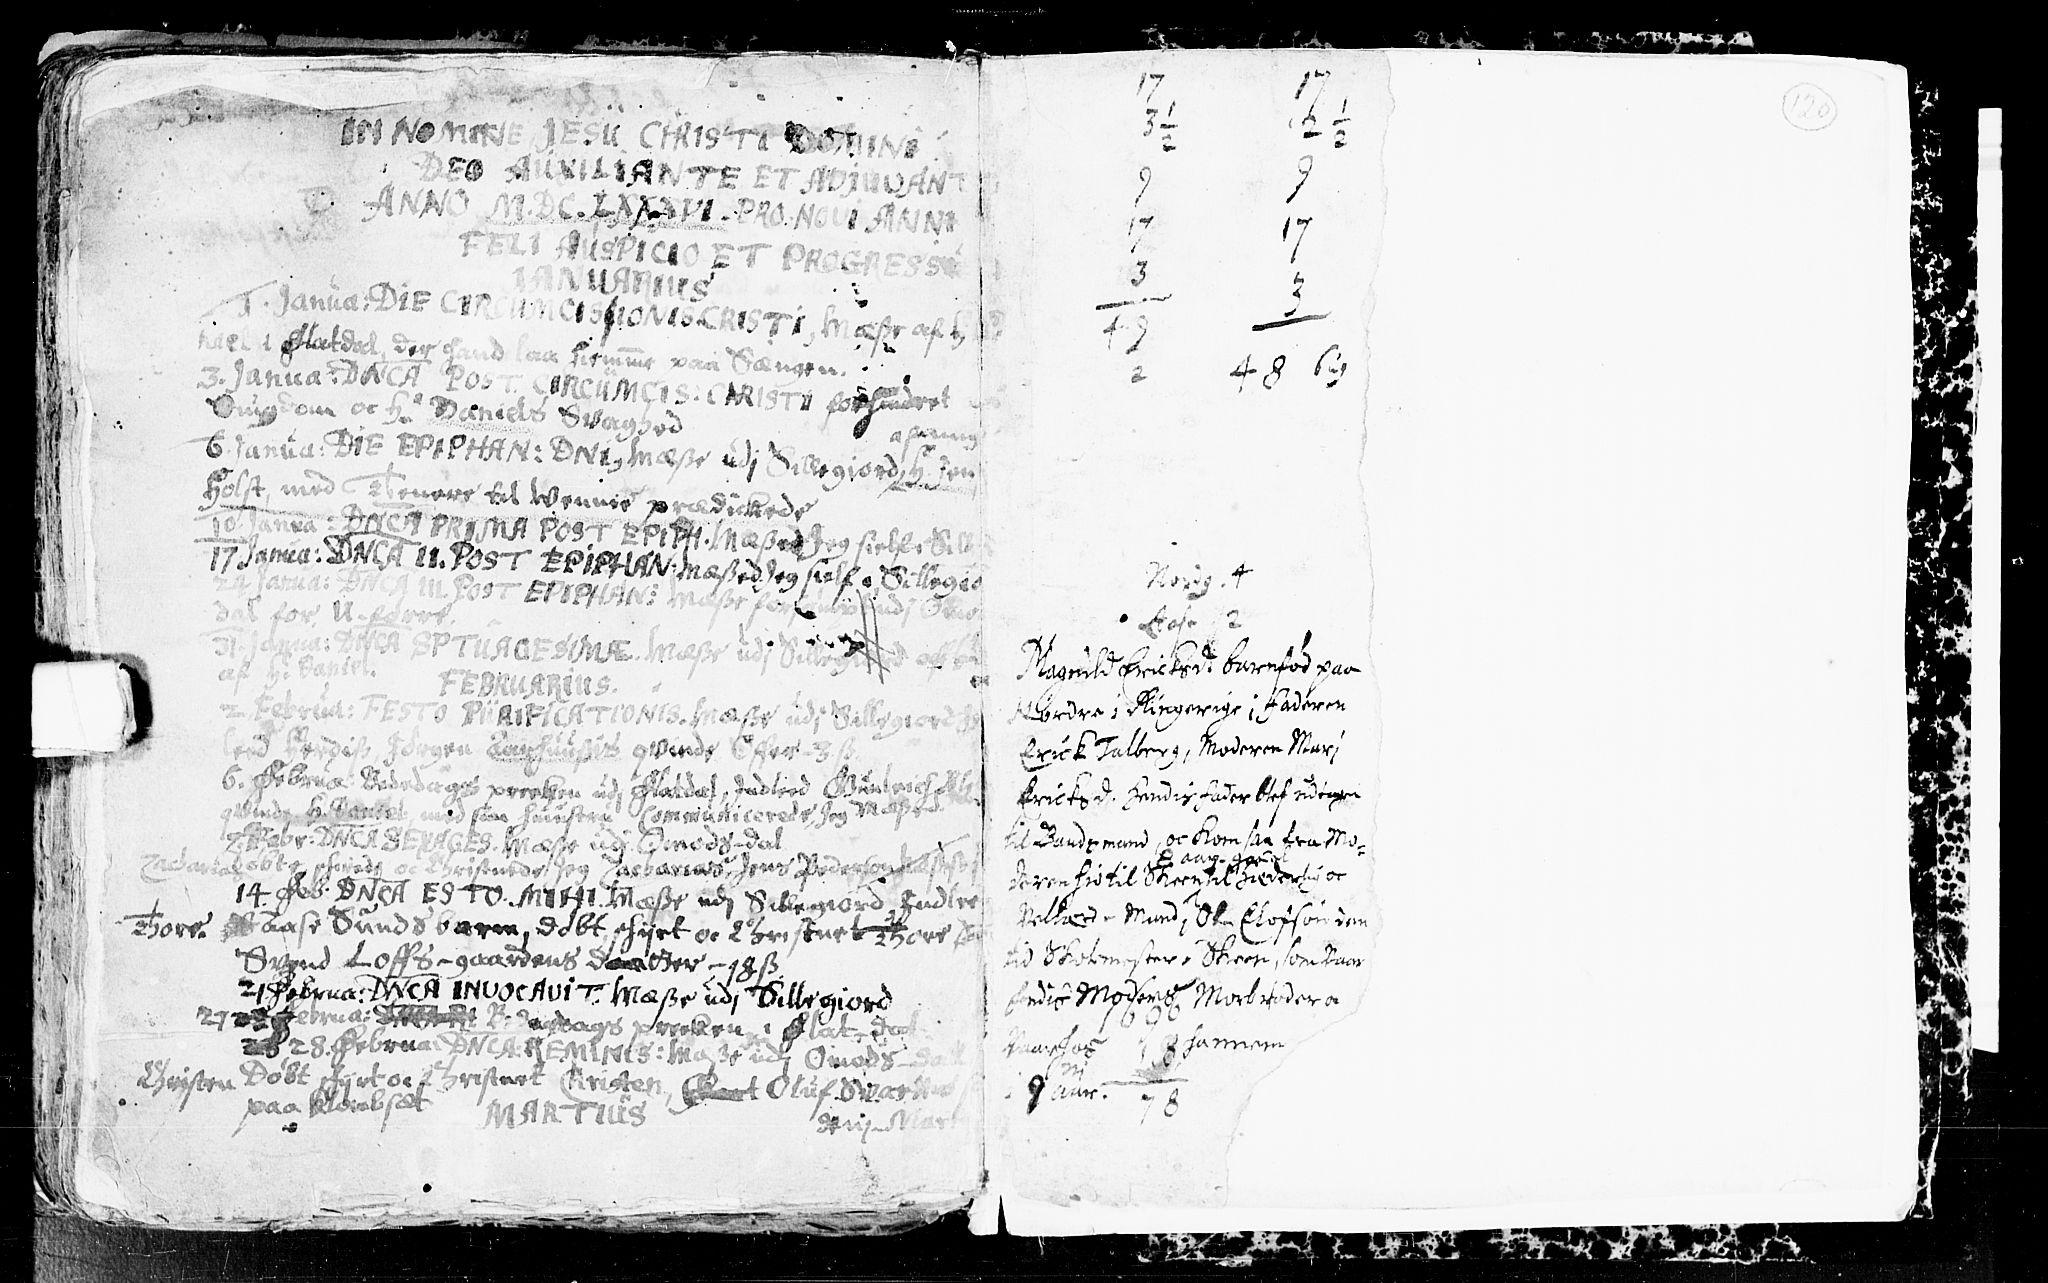 SAKO, Seljord kirkebøker, F/Fa/L0001: Ministerialbok nr. I 1, 1654-1686, s. 120